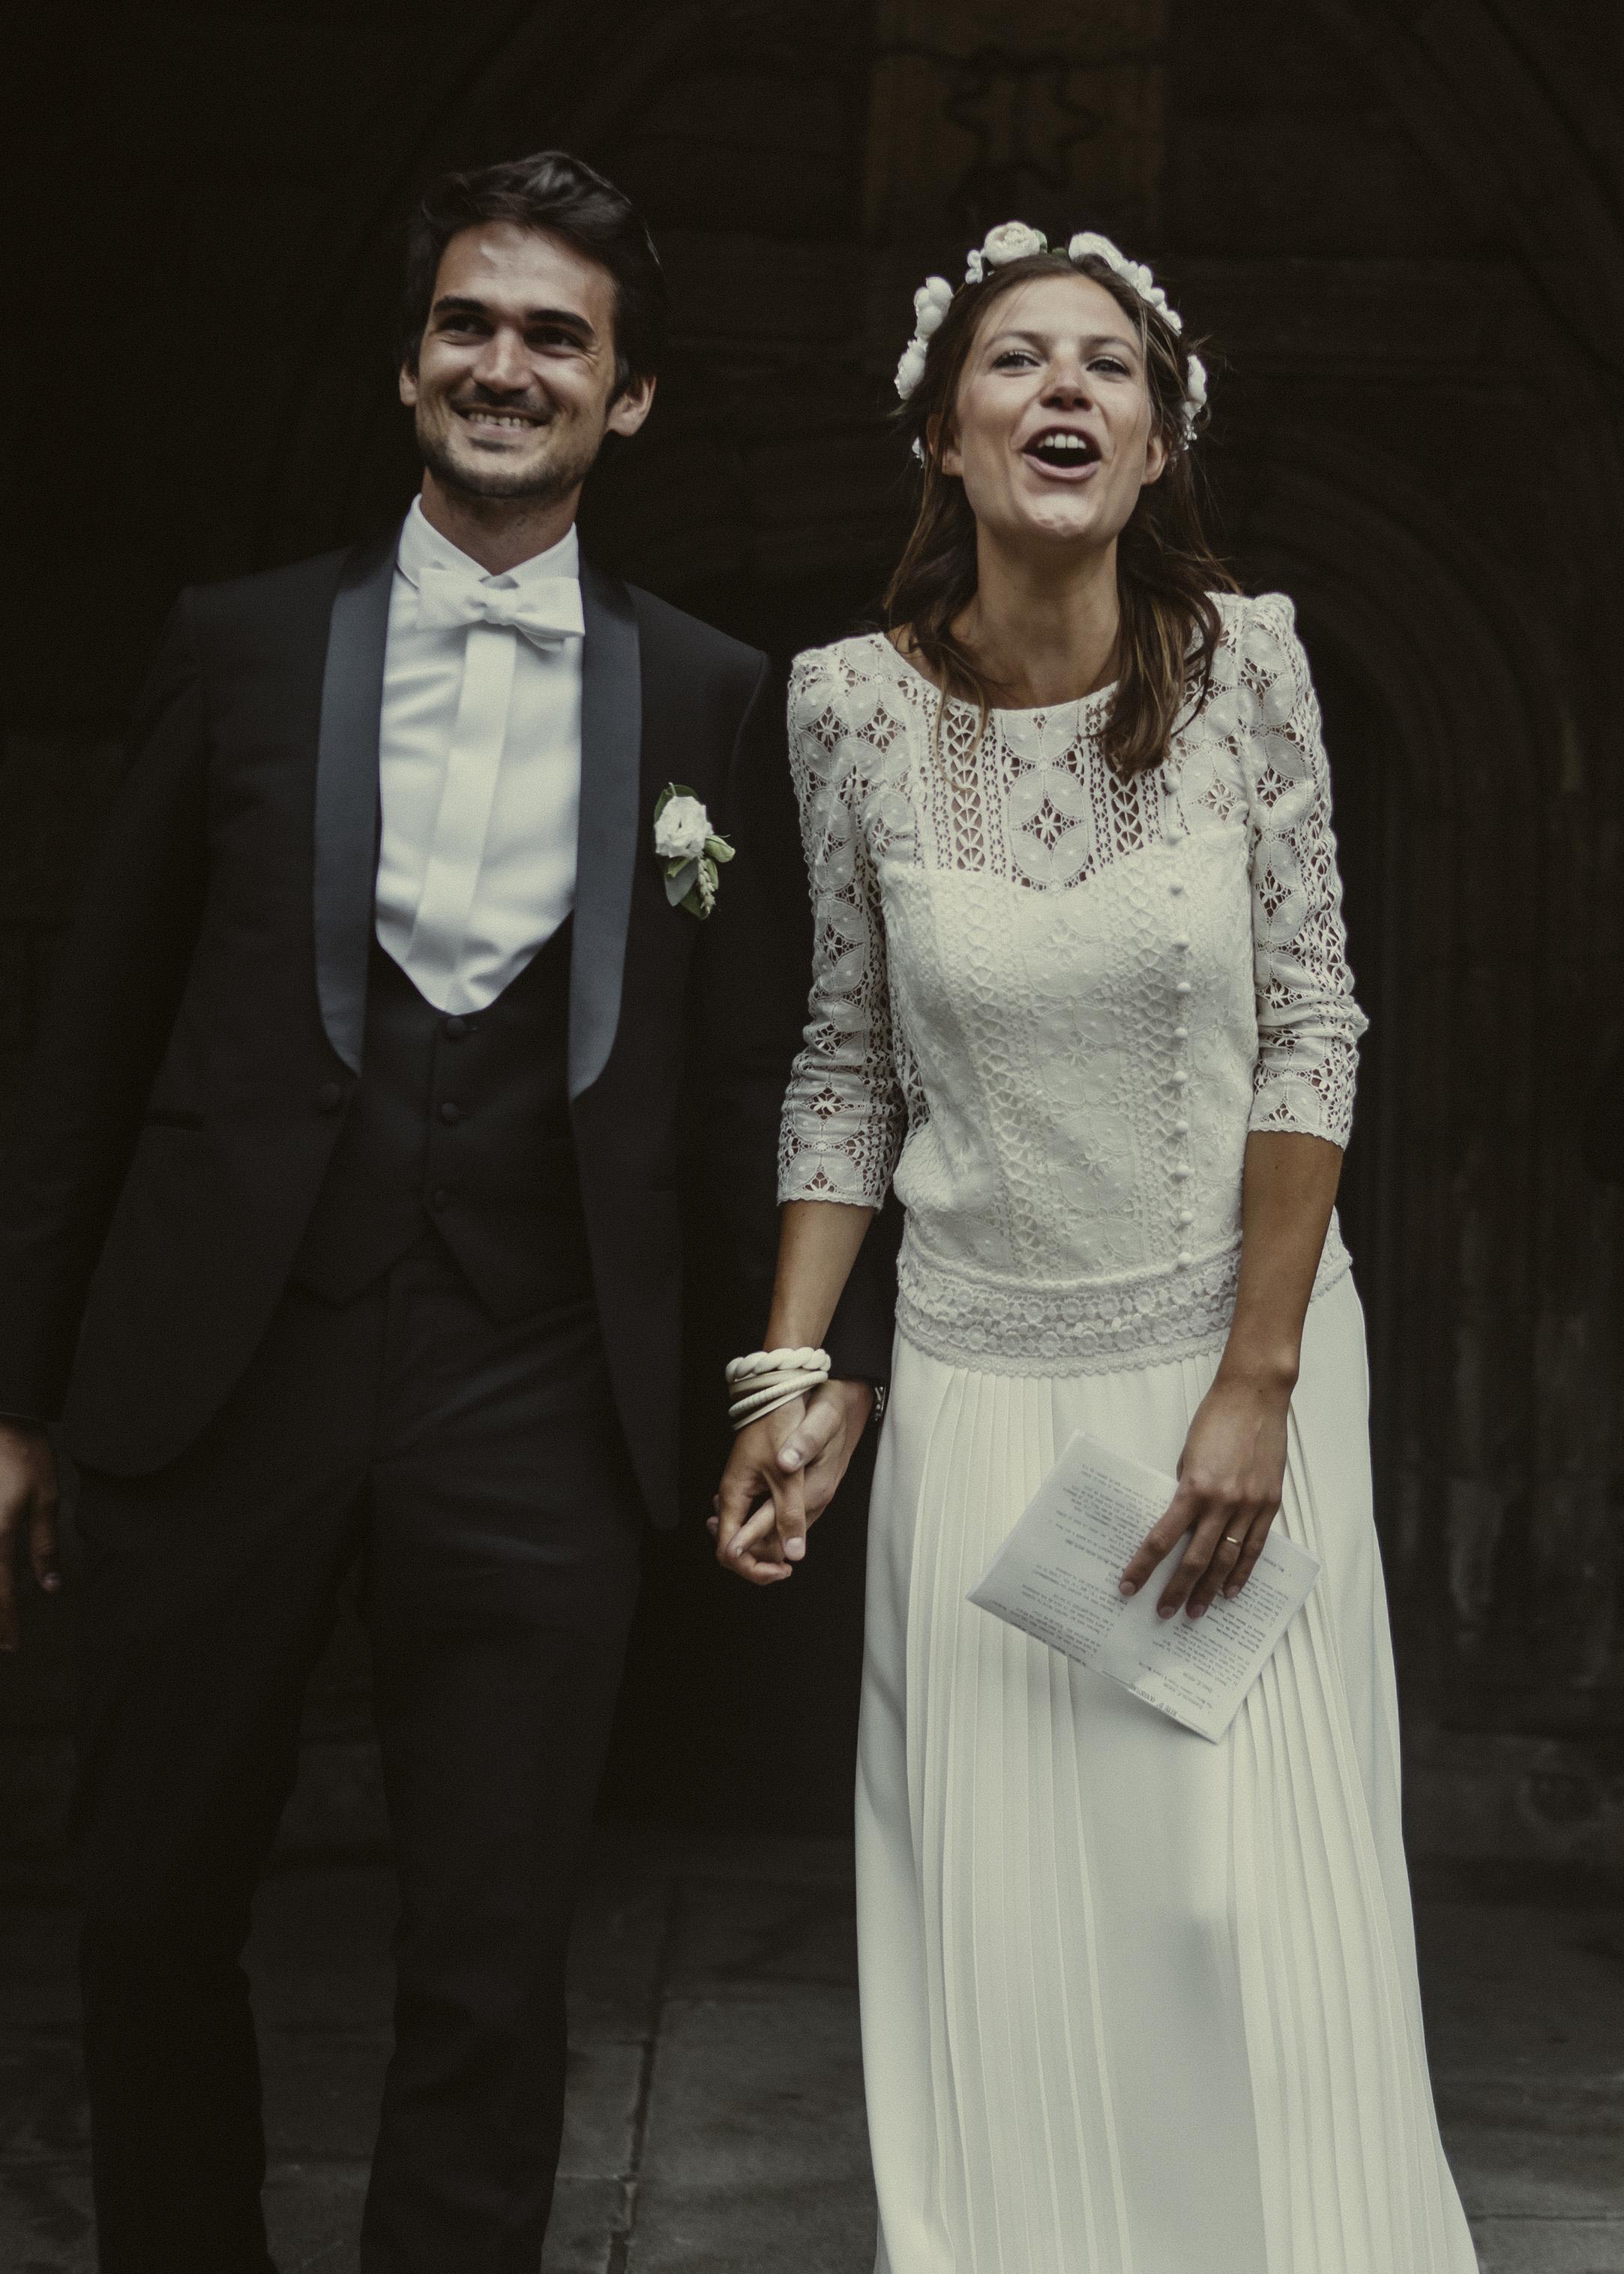 Laure Sagazan Wedding Photo